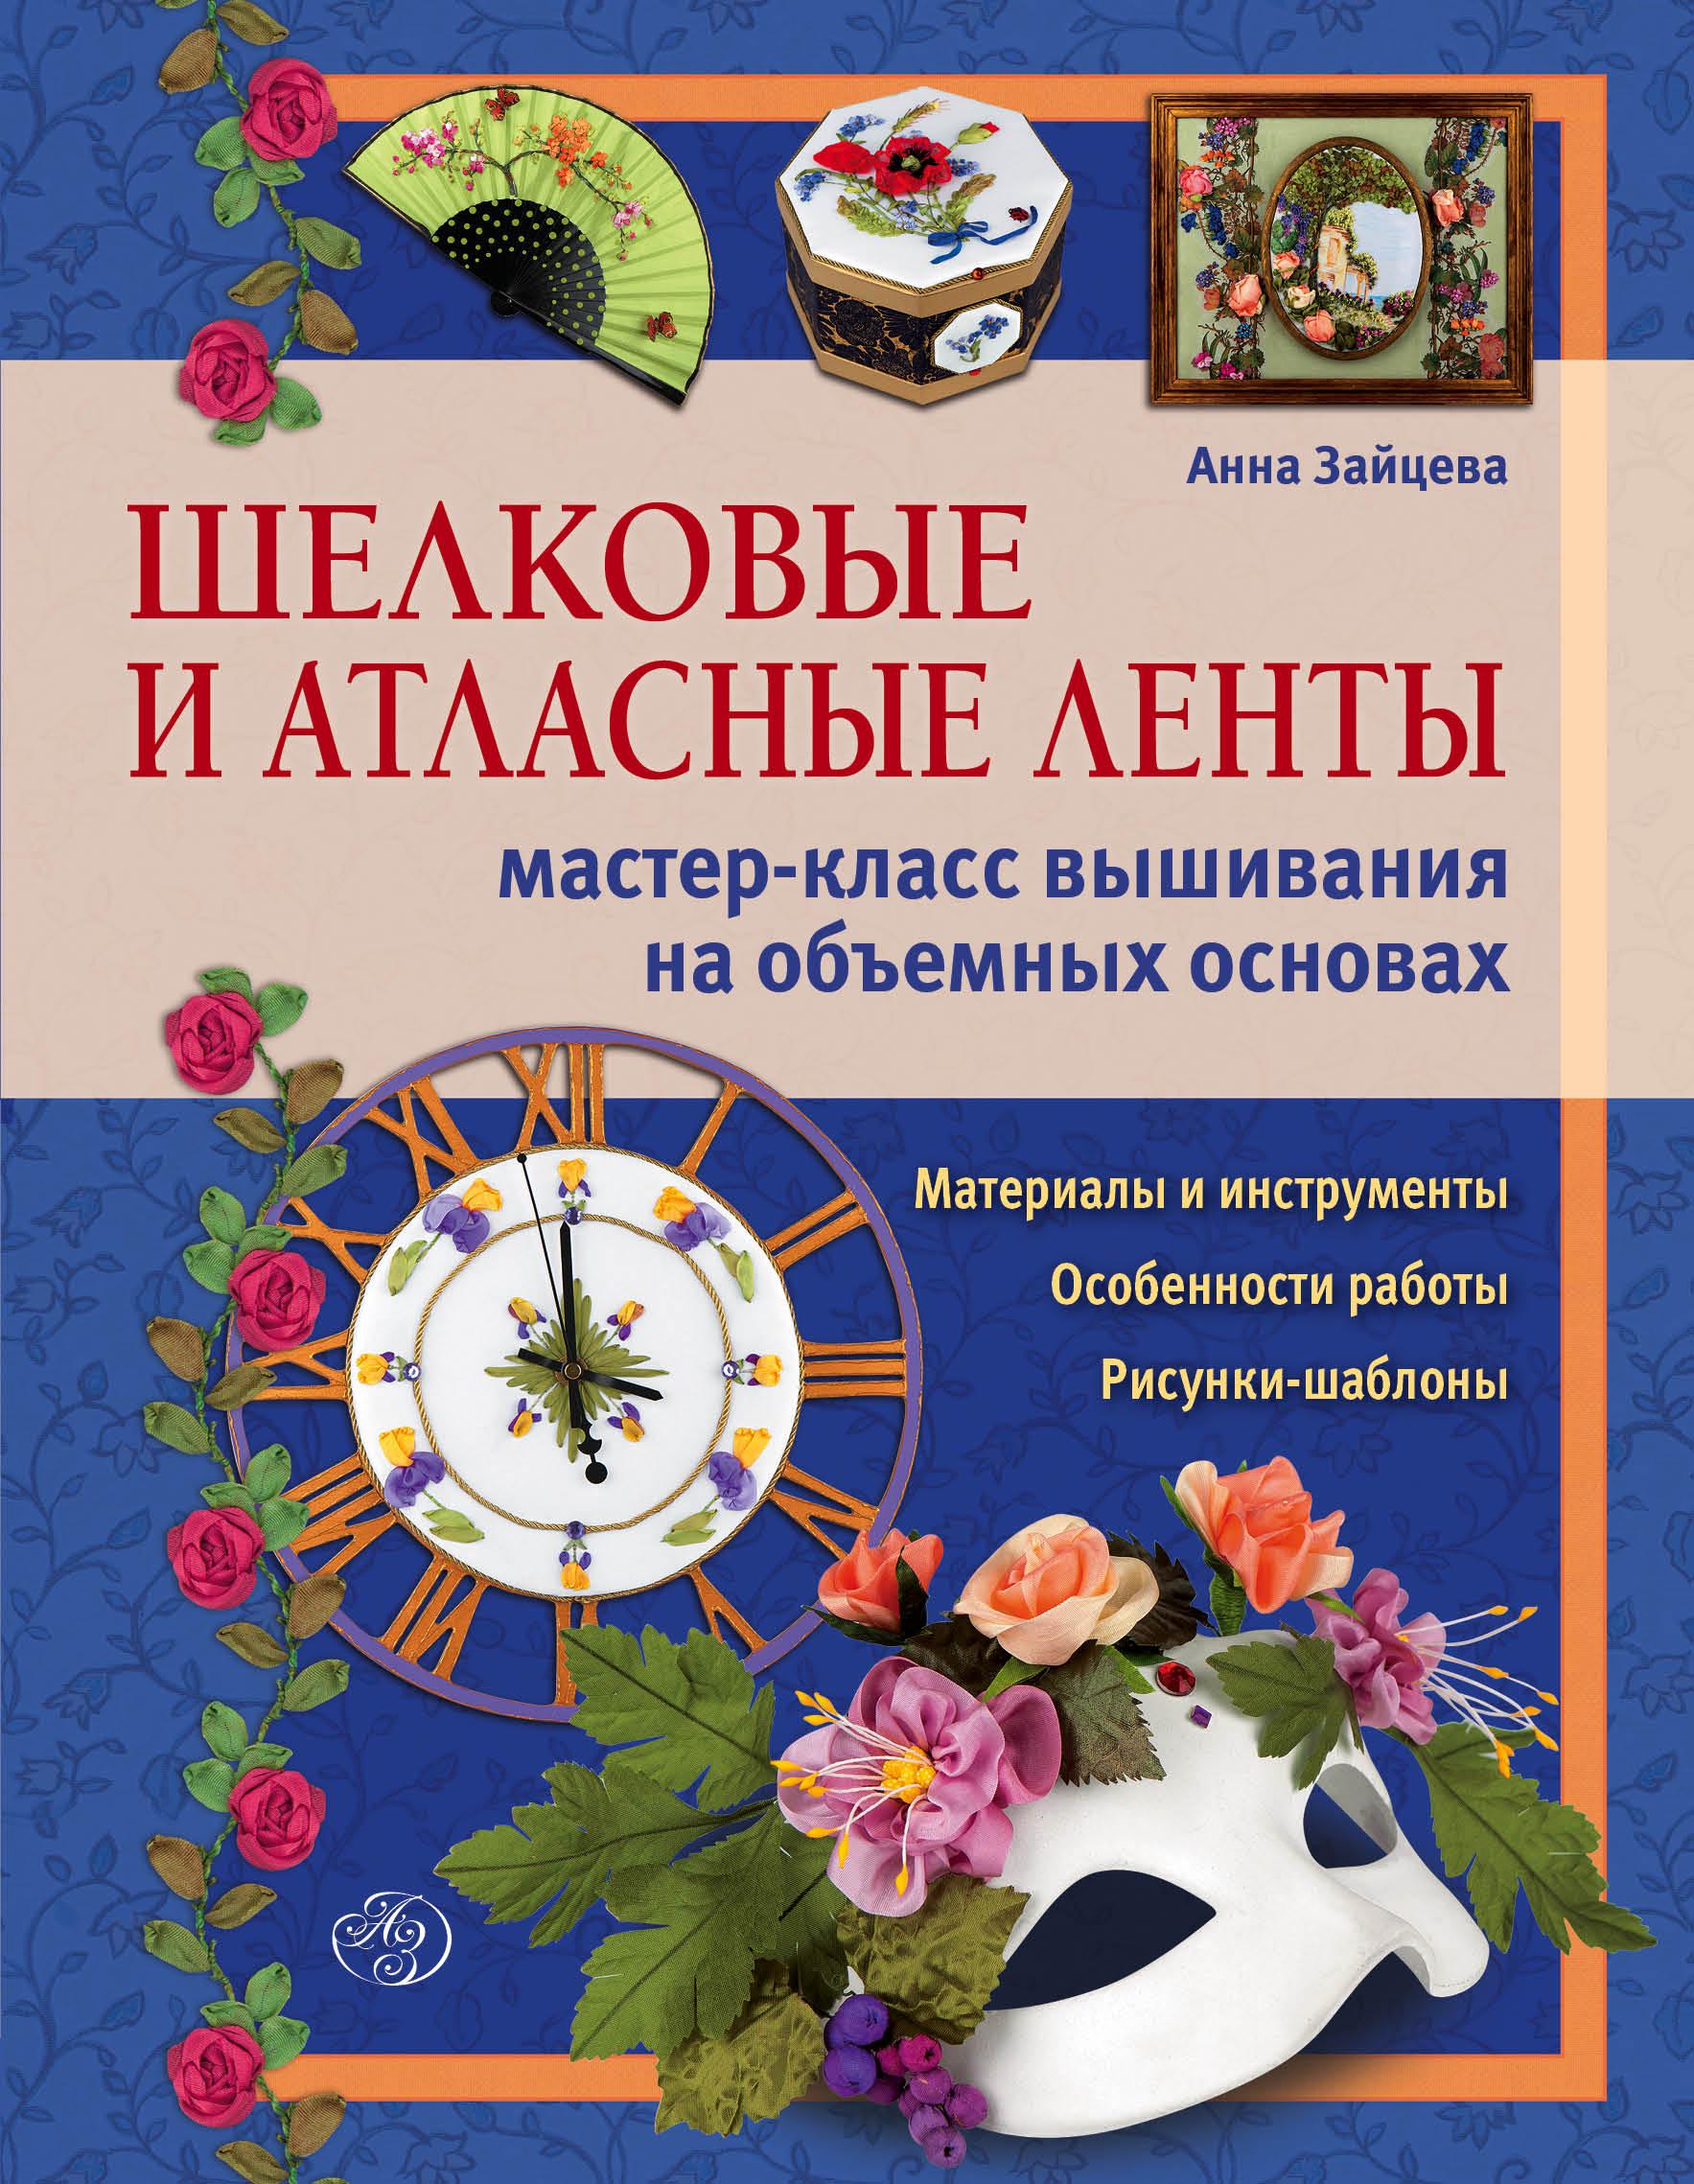 Шелковые и атласные ленты: мастер-класс вышивания на объемных основах ( Зайцева А.А.  )